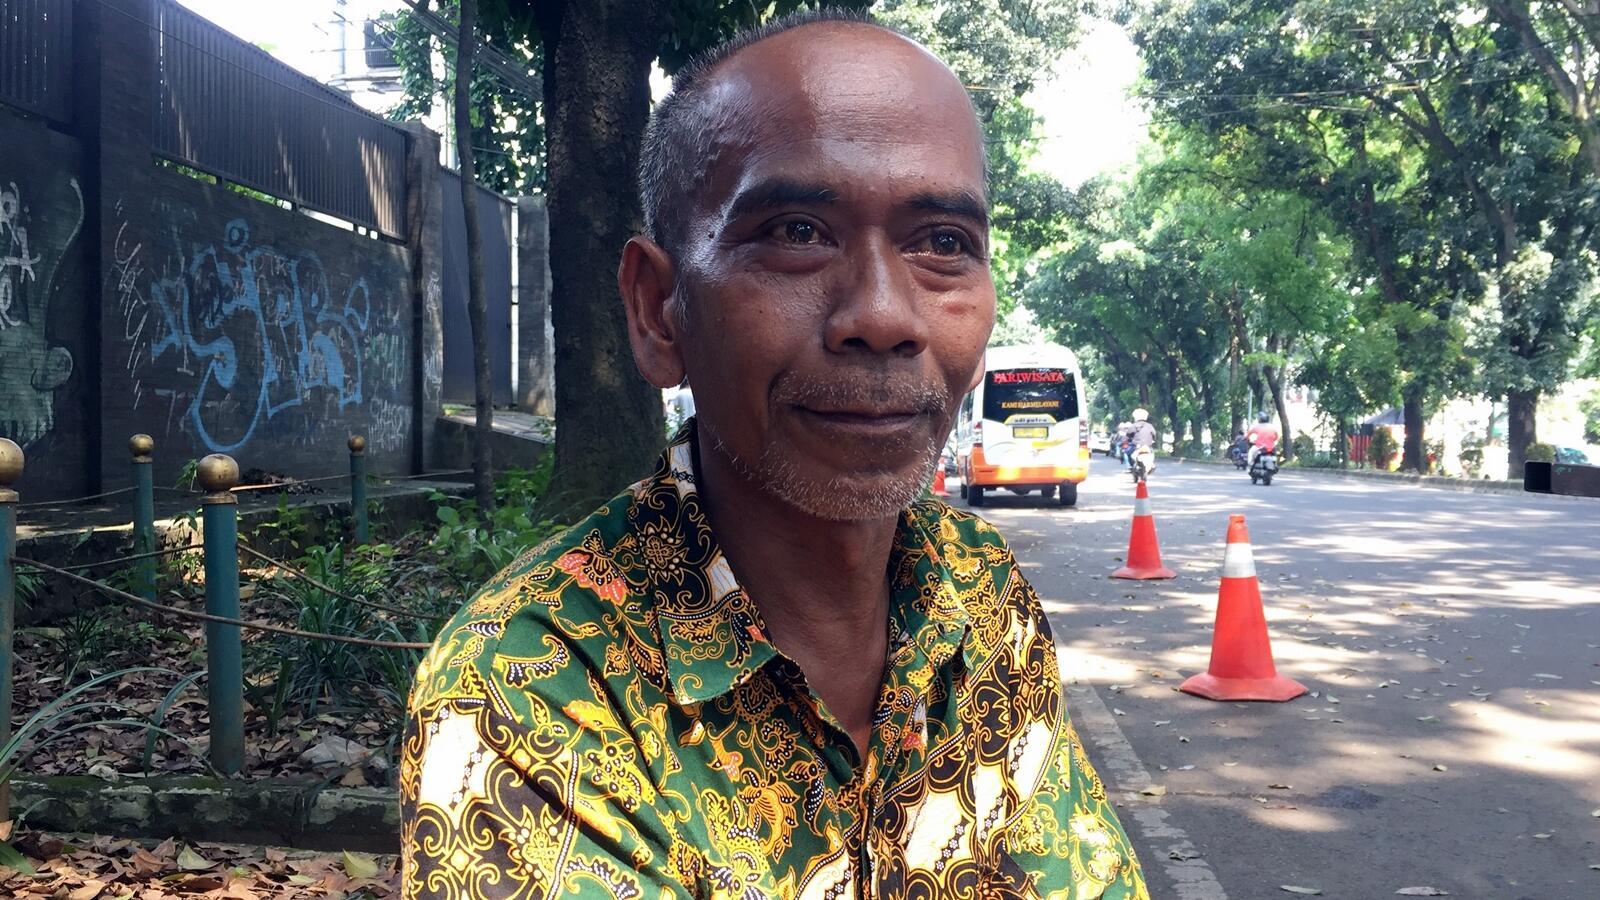 Mr. Nanang Mahir Bahasa Asing karena Turis Bule di Indonesia